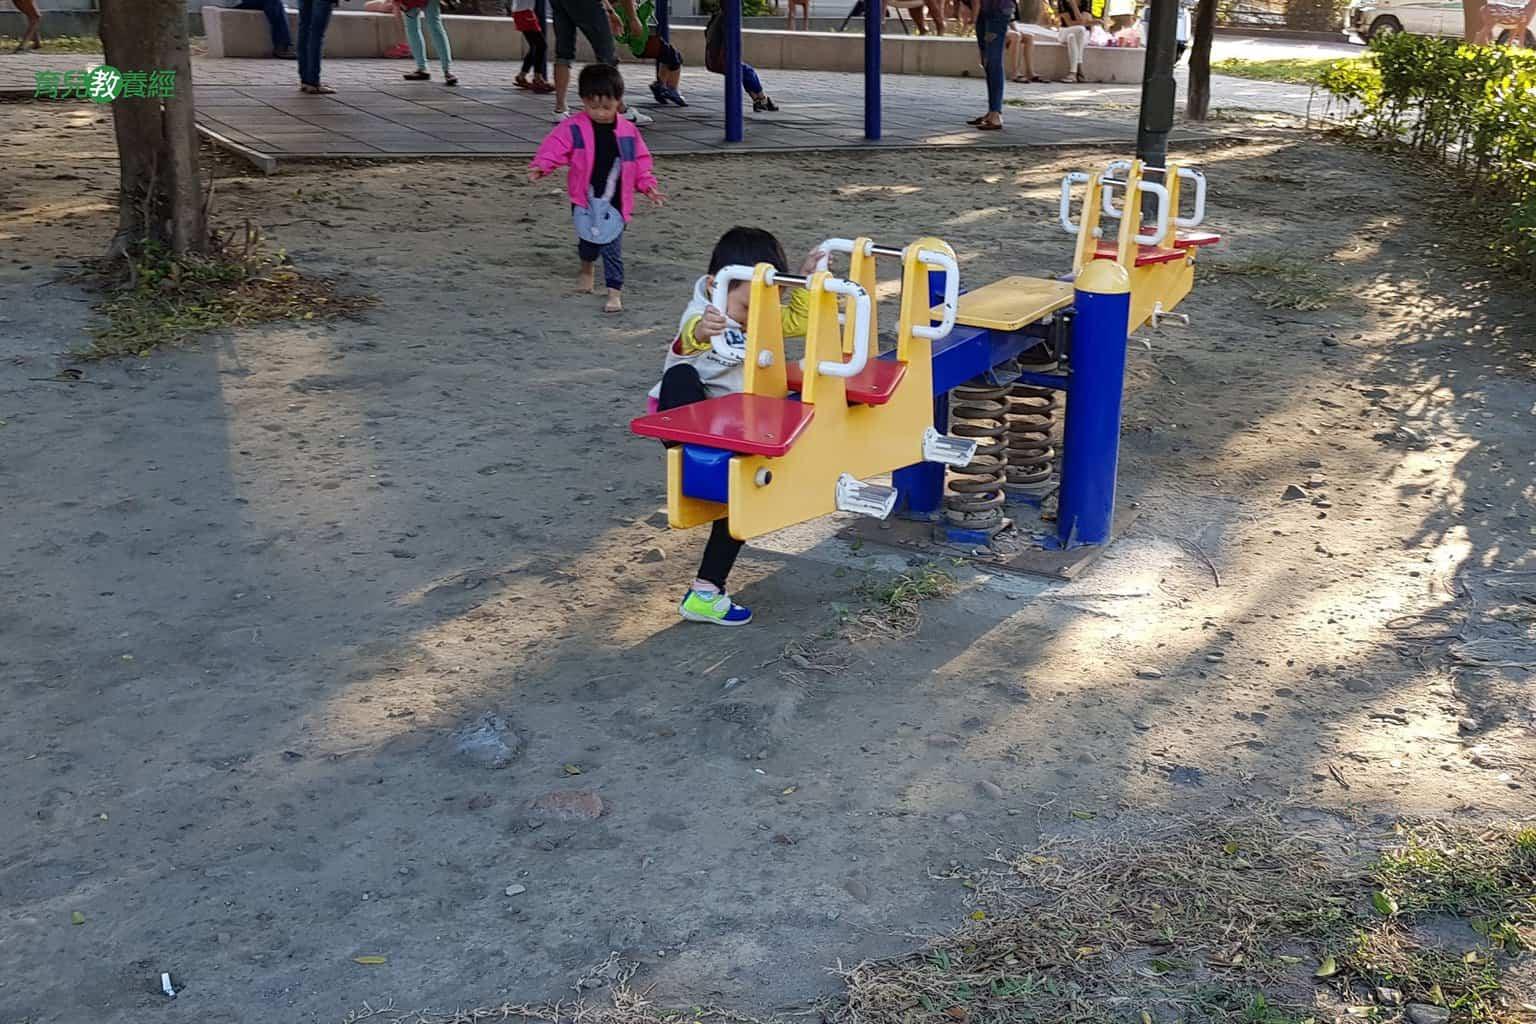 鹿港小鹿兒童公園蹺蹺板